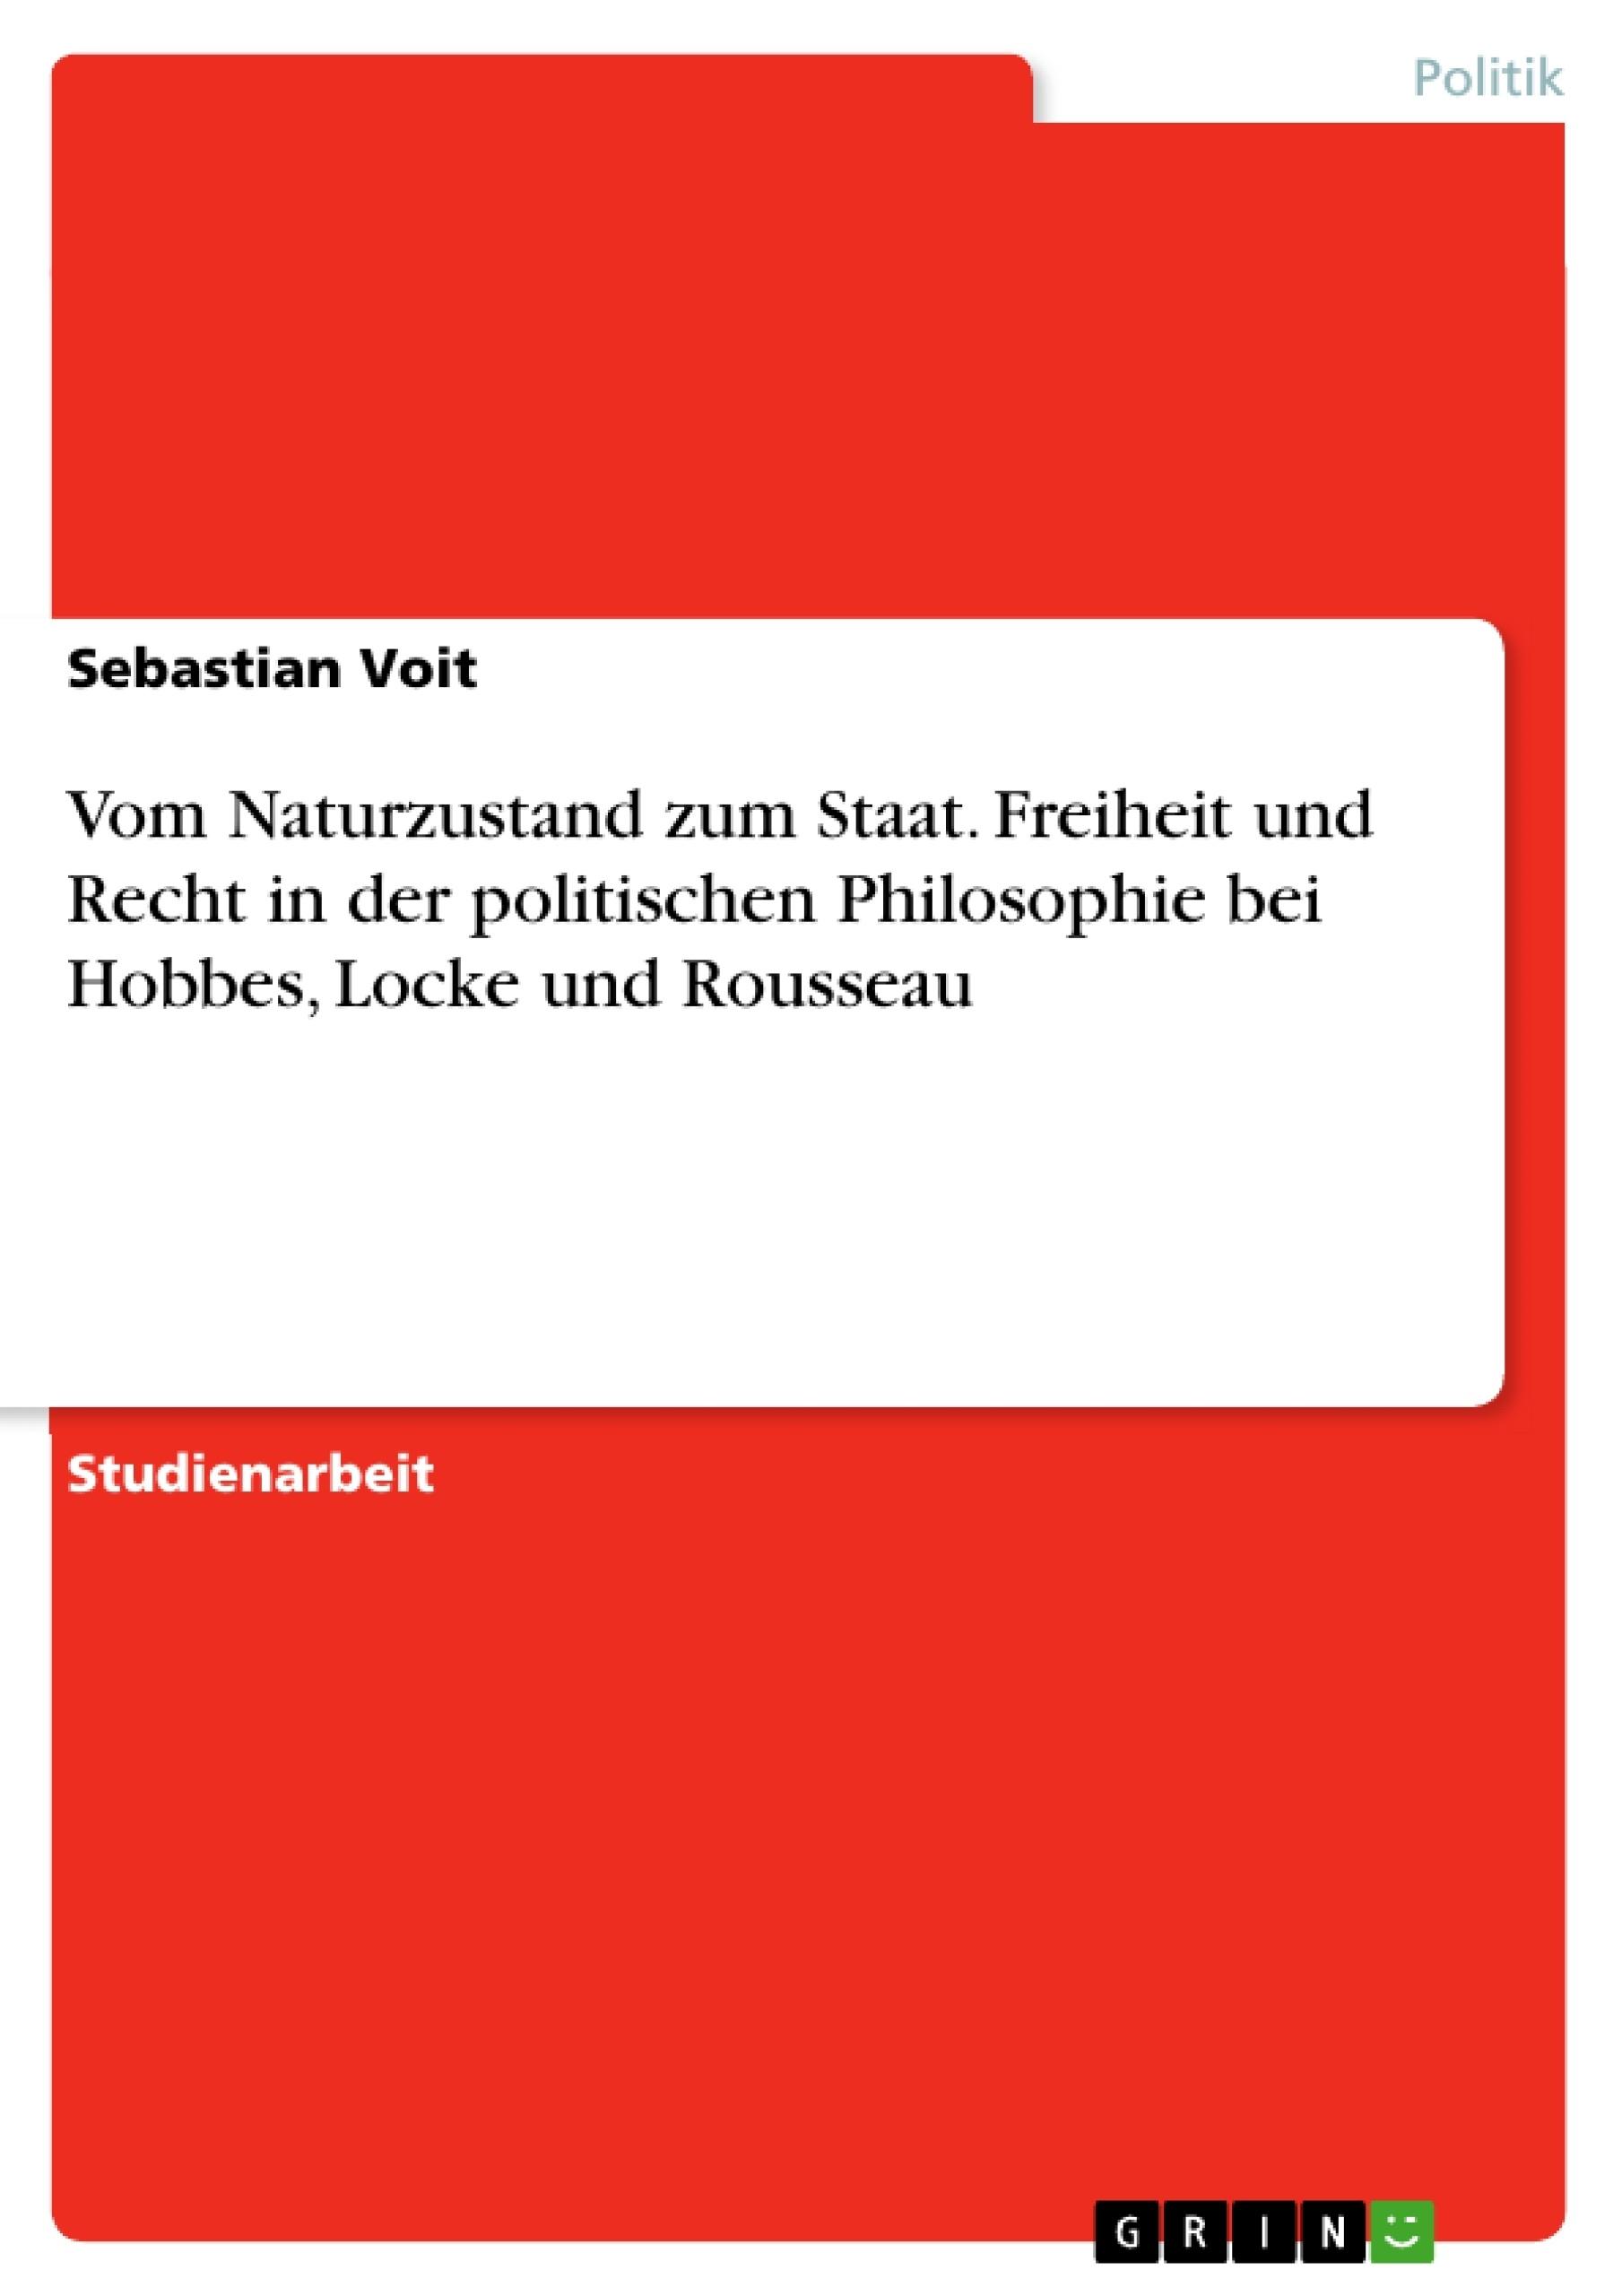 Titel: Vom Naturzustand zum Staat. Freiheit und Recht in der politischen Philosophie bei Hobbes, Locke und Rousseau